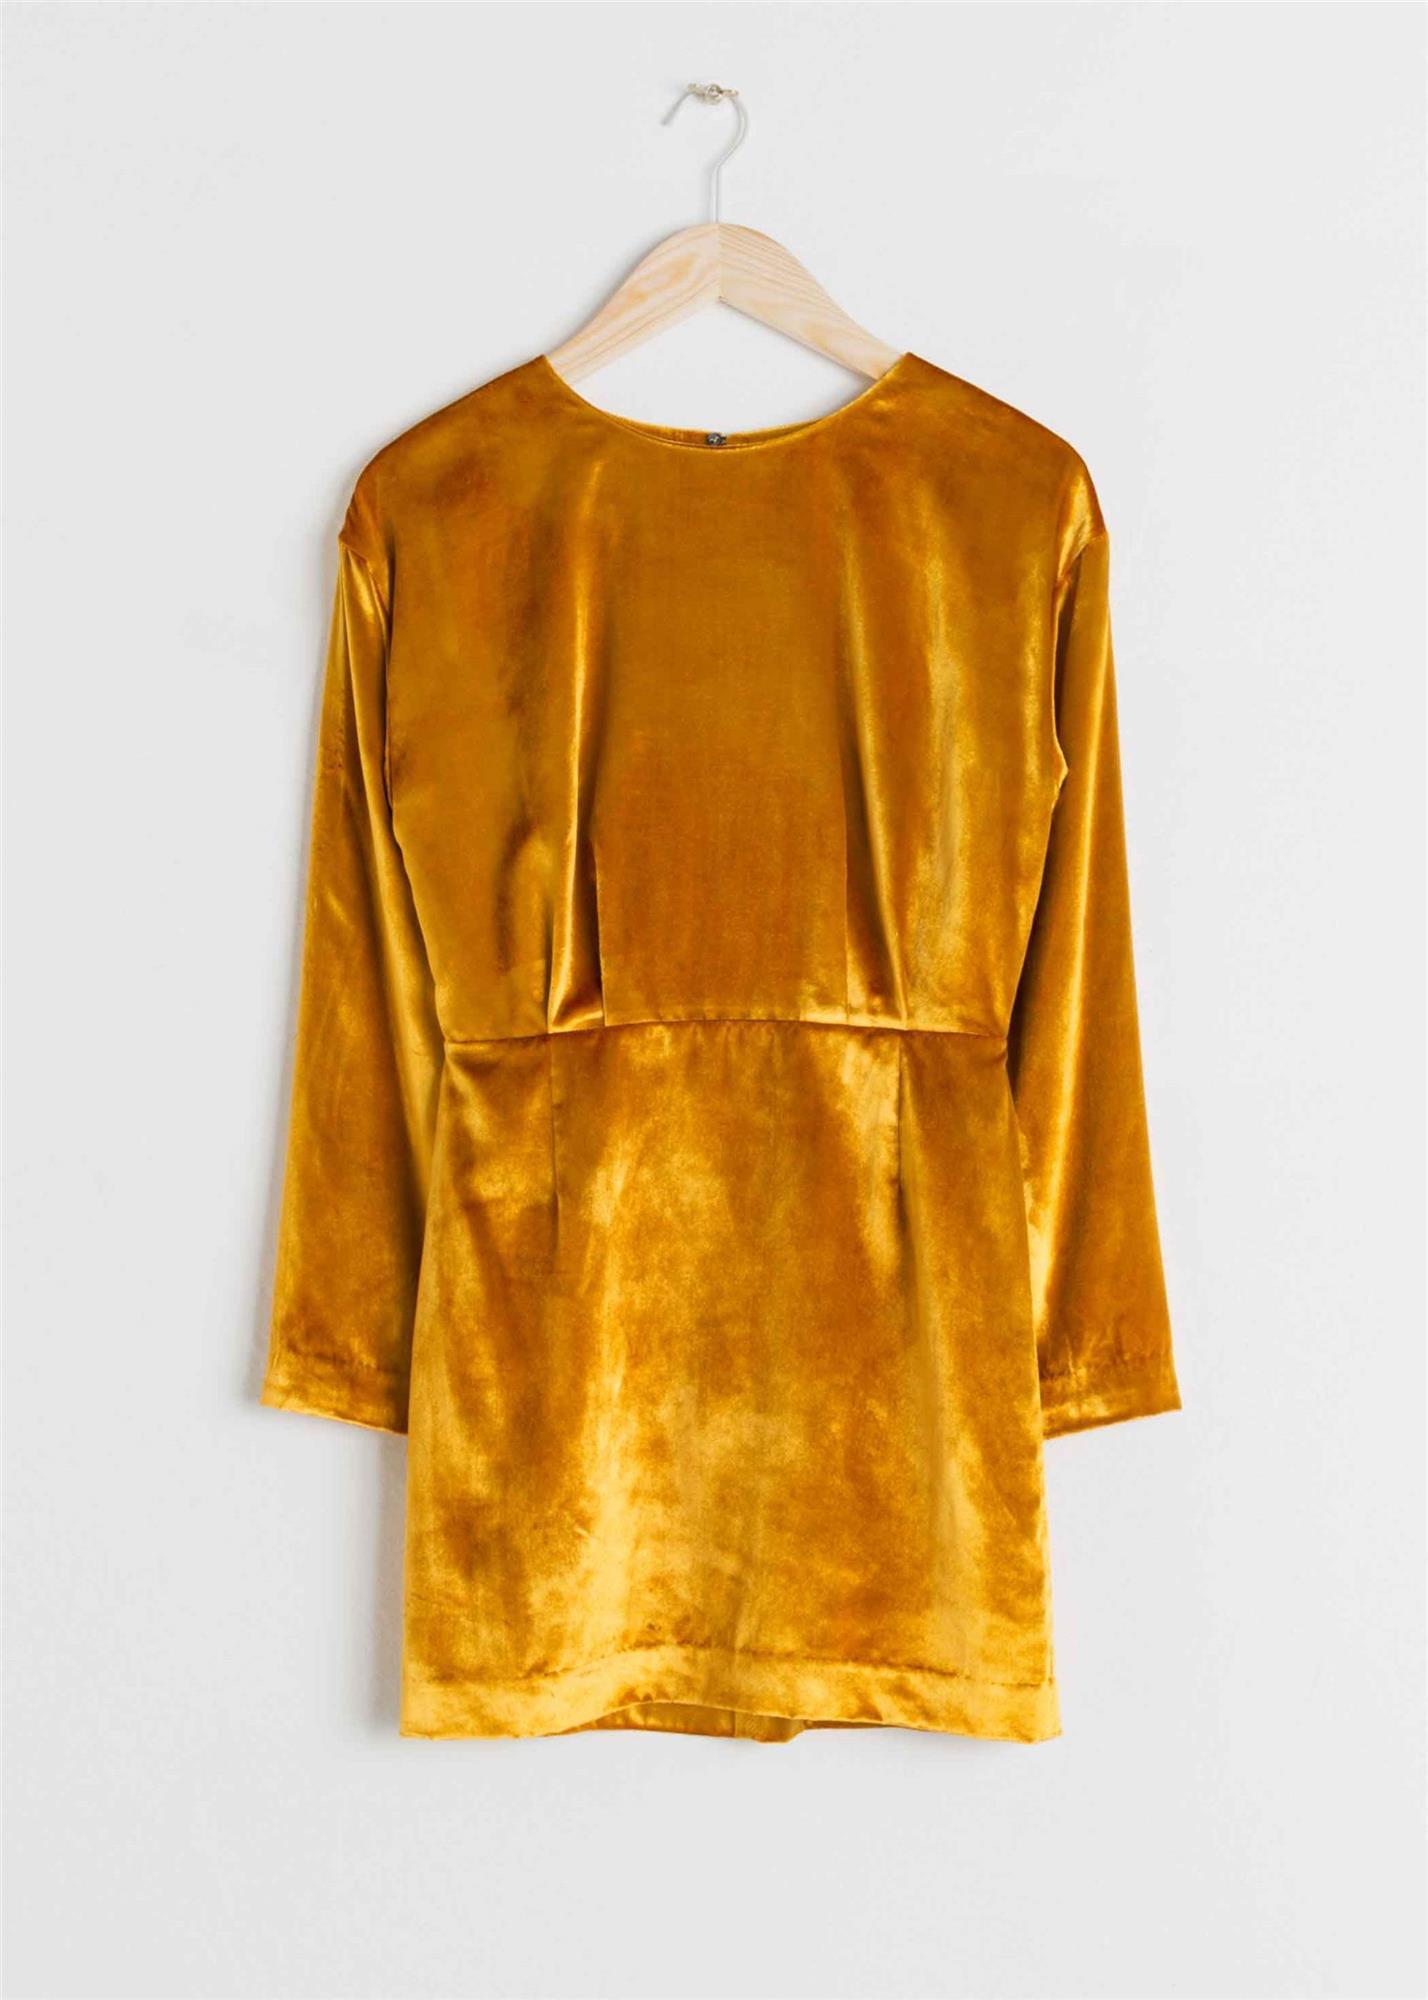 77bd7d63a vestido de terciopelo mostaza   other stories. Vestido corto de terciopelo  mostaza